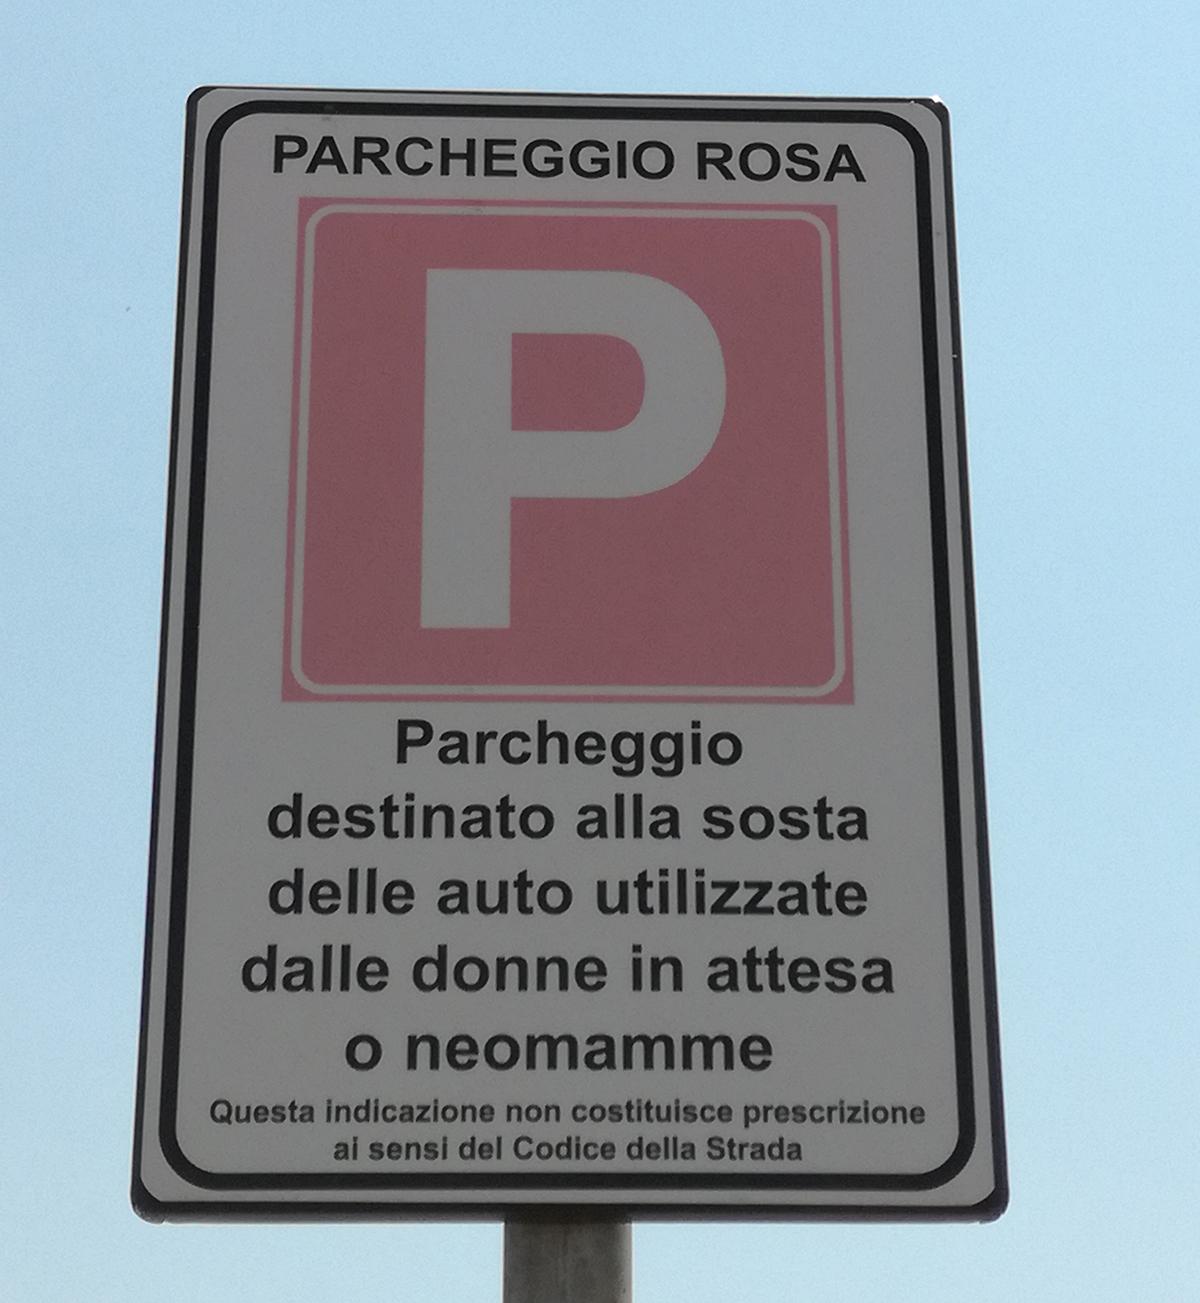 Parcheggi rosa per donne etero e italiane: dopo la bufera il dietrofront del sindaco di Pontida